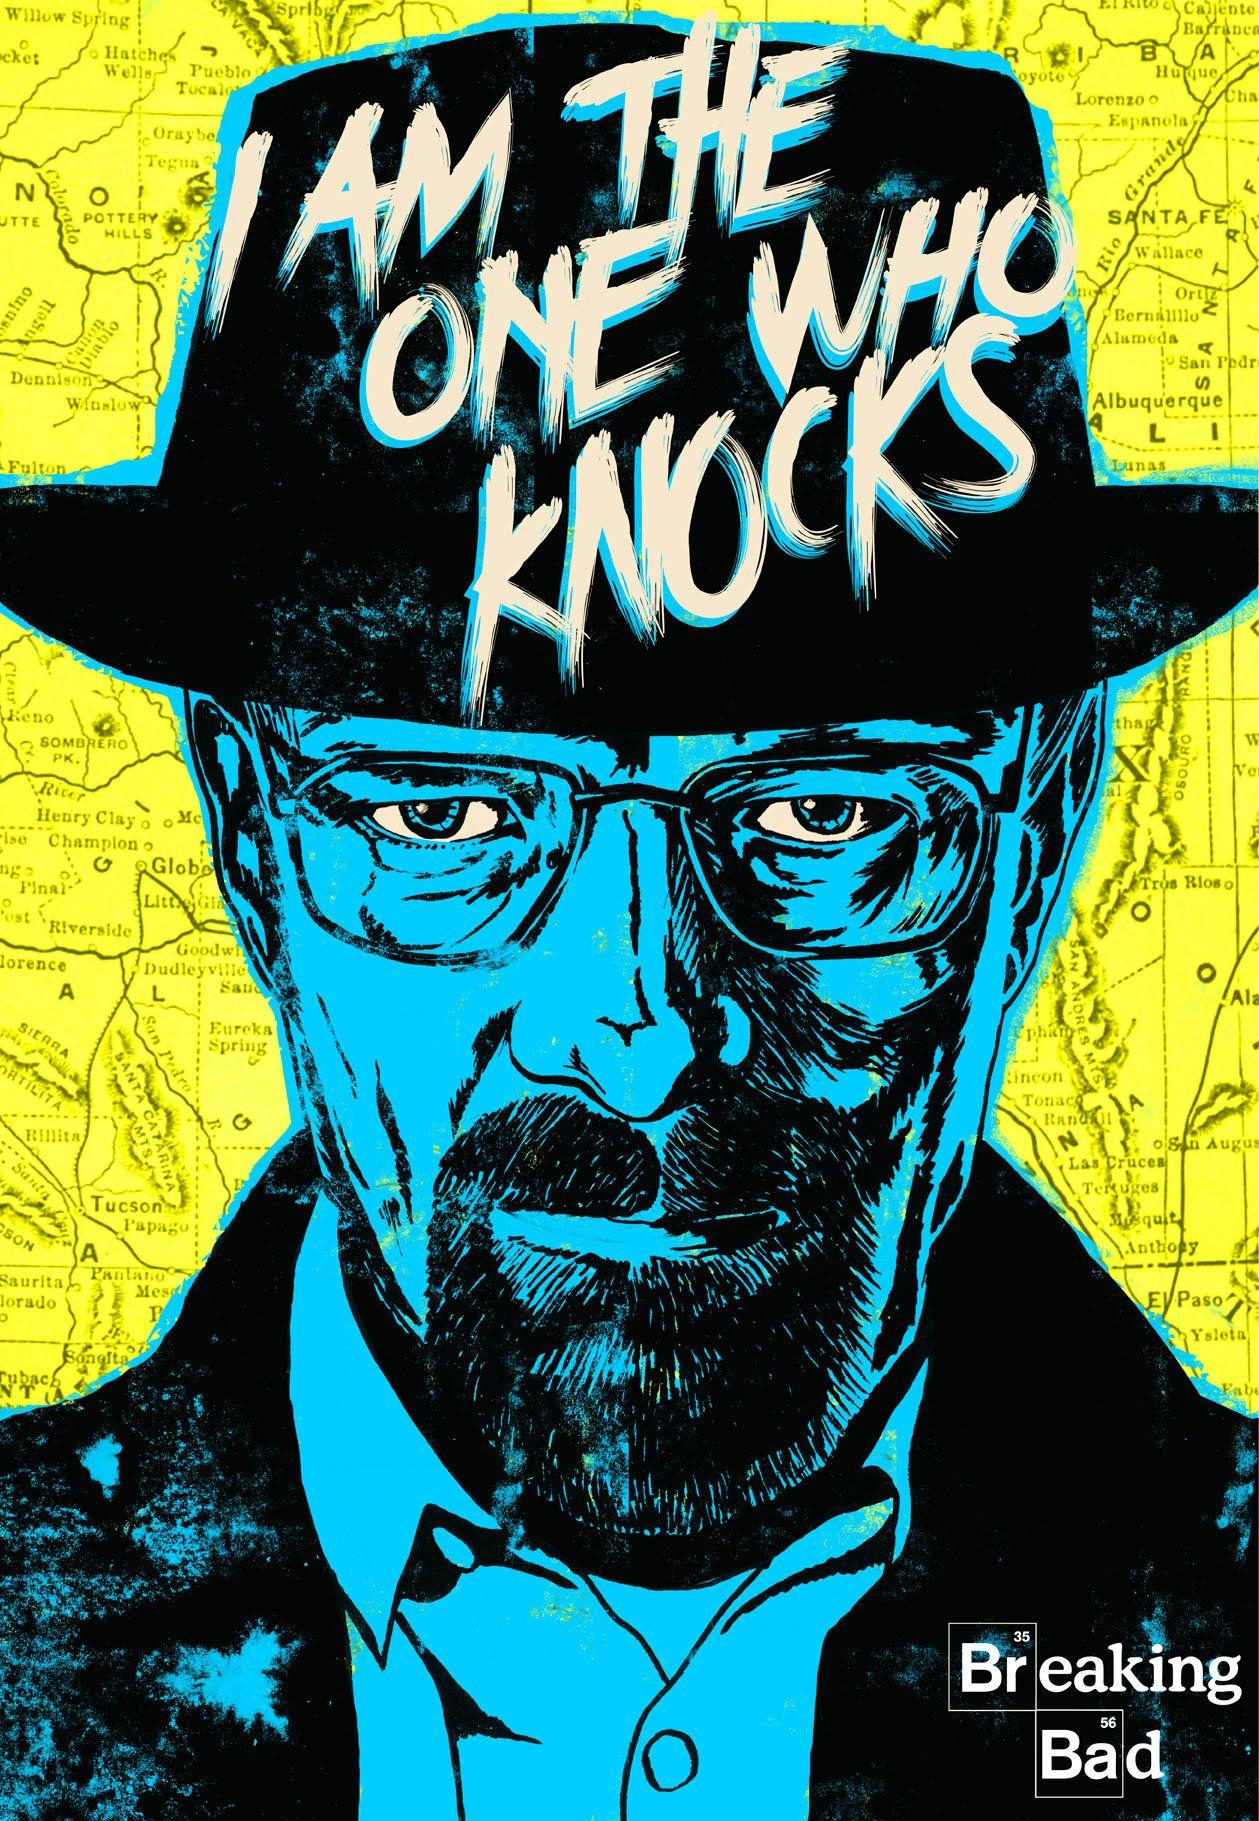 Breaking Bad Fan Art The Heisenberg Breaking Bad Art Breaking Bad Poster Bad Fan Art